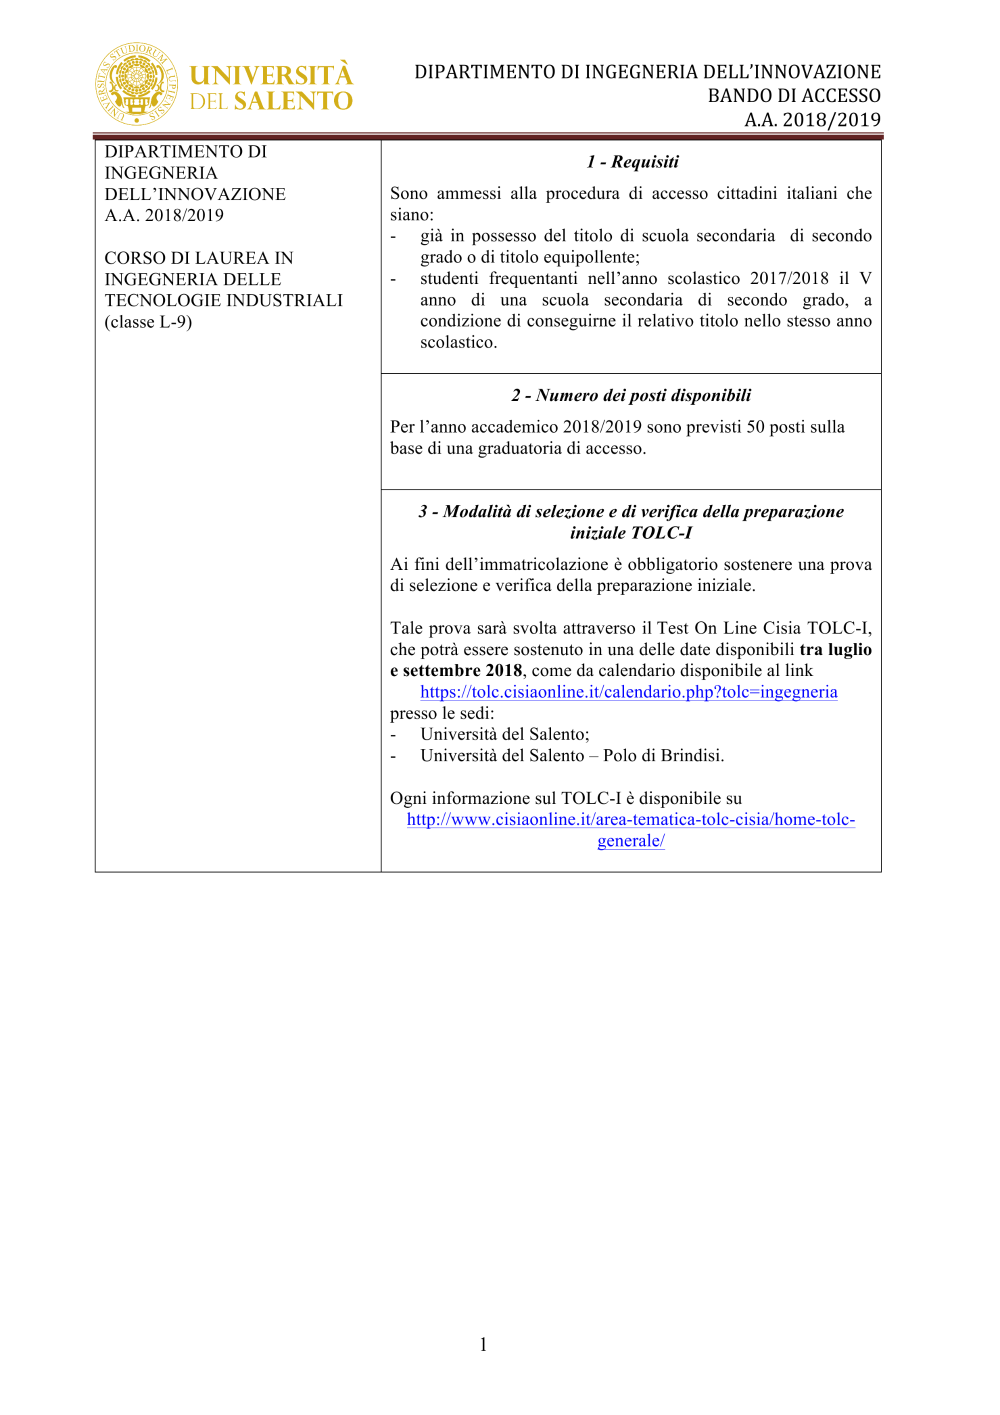 Tolc I Calendario.Documentale Consulta Del Personale Universita Del Salento